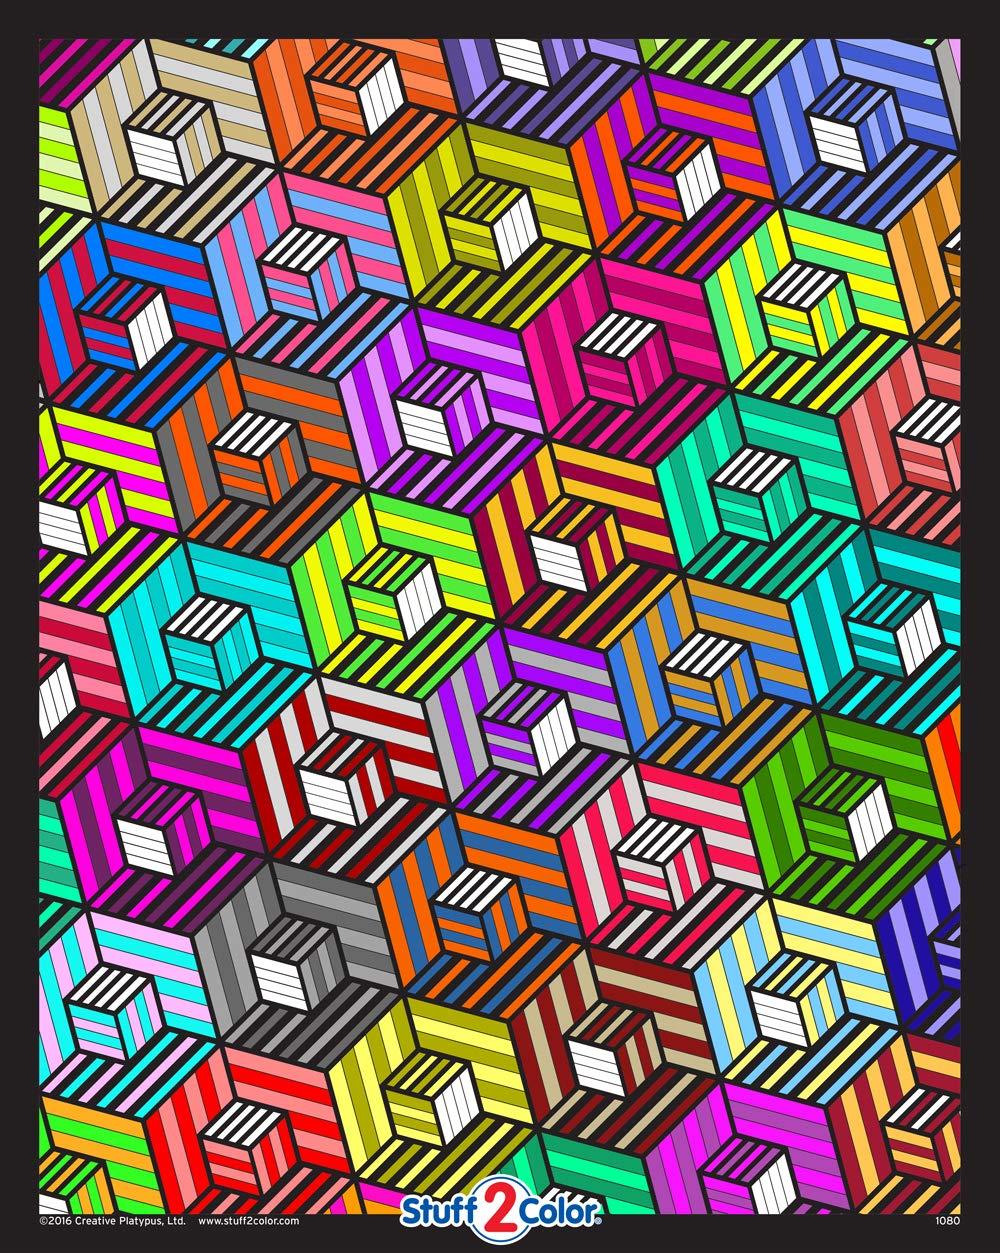 Cubes - Fuzzy Velvet Detailed Colouring Poster 16x20   B01HJ372J2